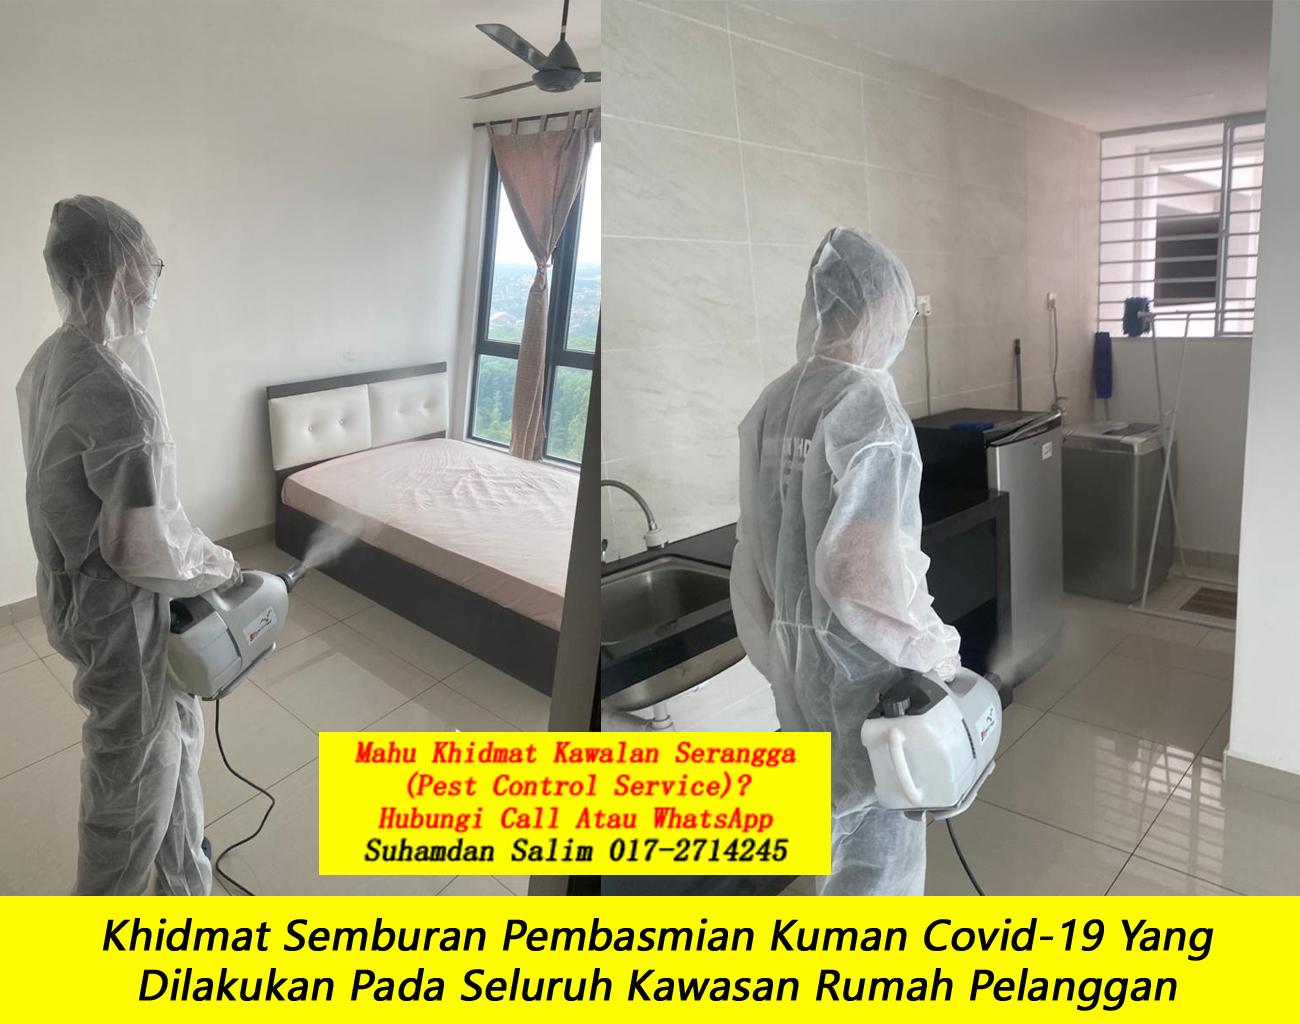 khidmat sanitizing membasmi kuman Covid-19 Disinfection Service semburan sanitize covid 19 paling berkesan dengan harga berpatutan the best service covid-19 kepong kl felda